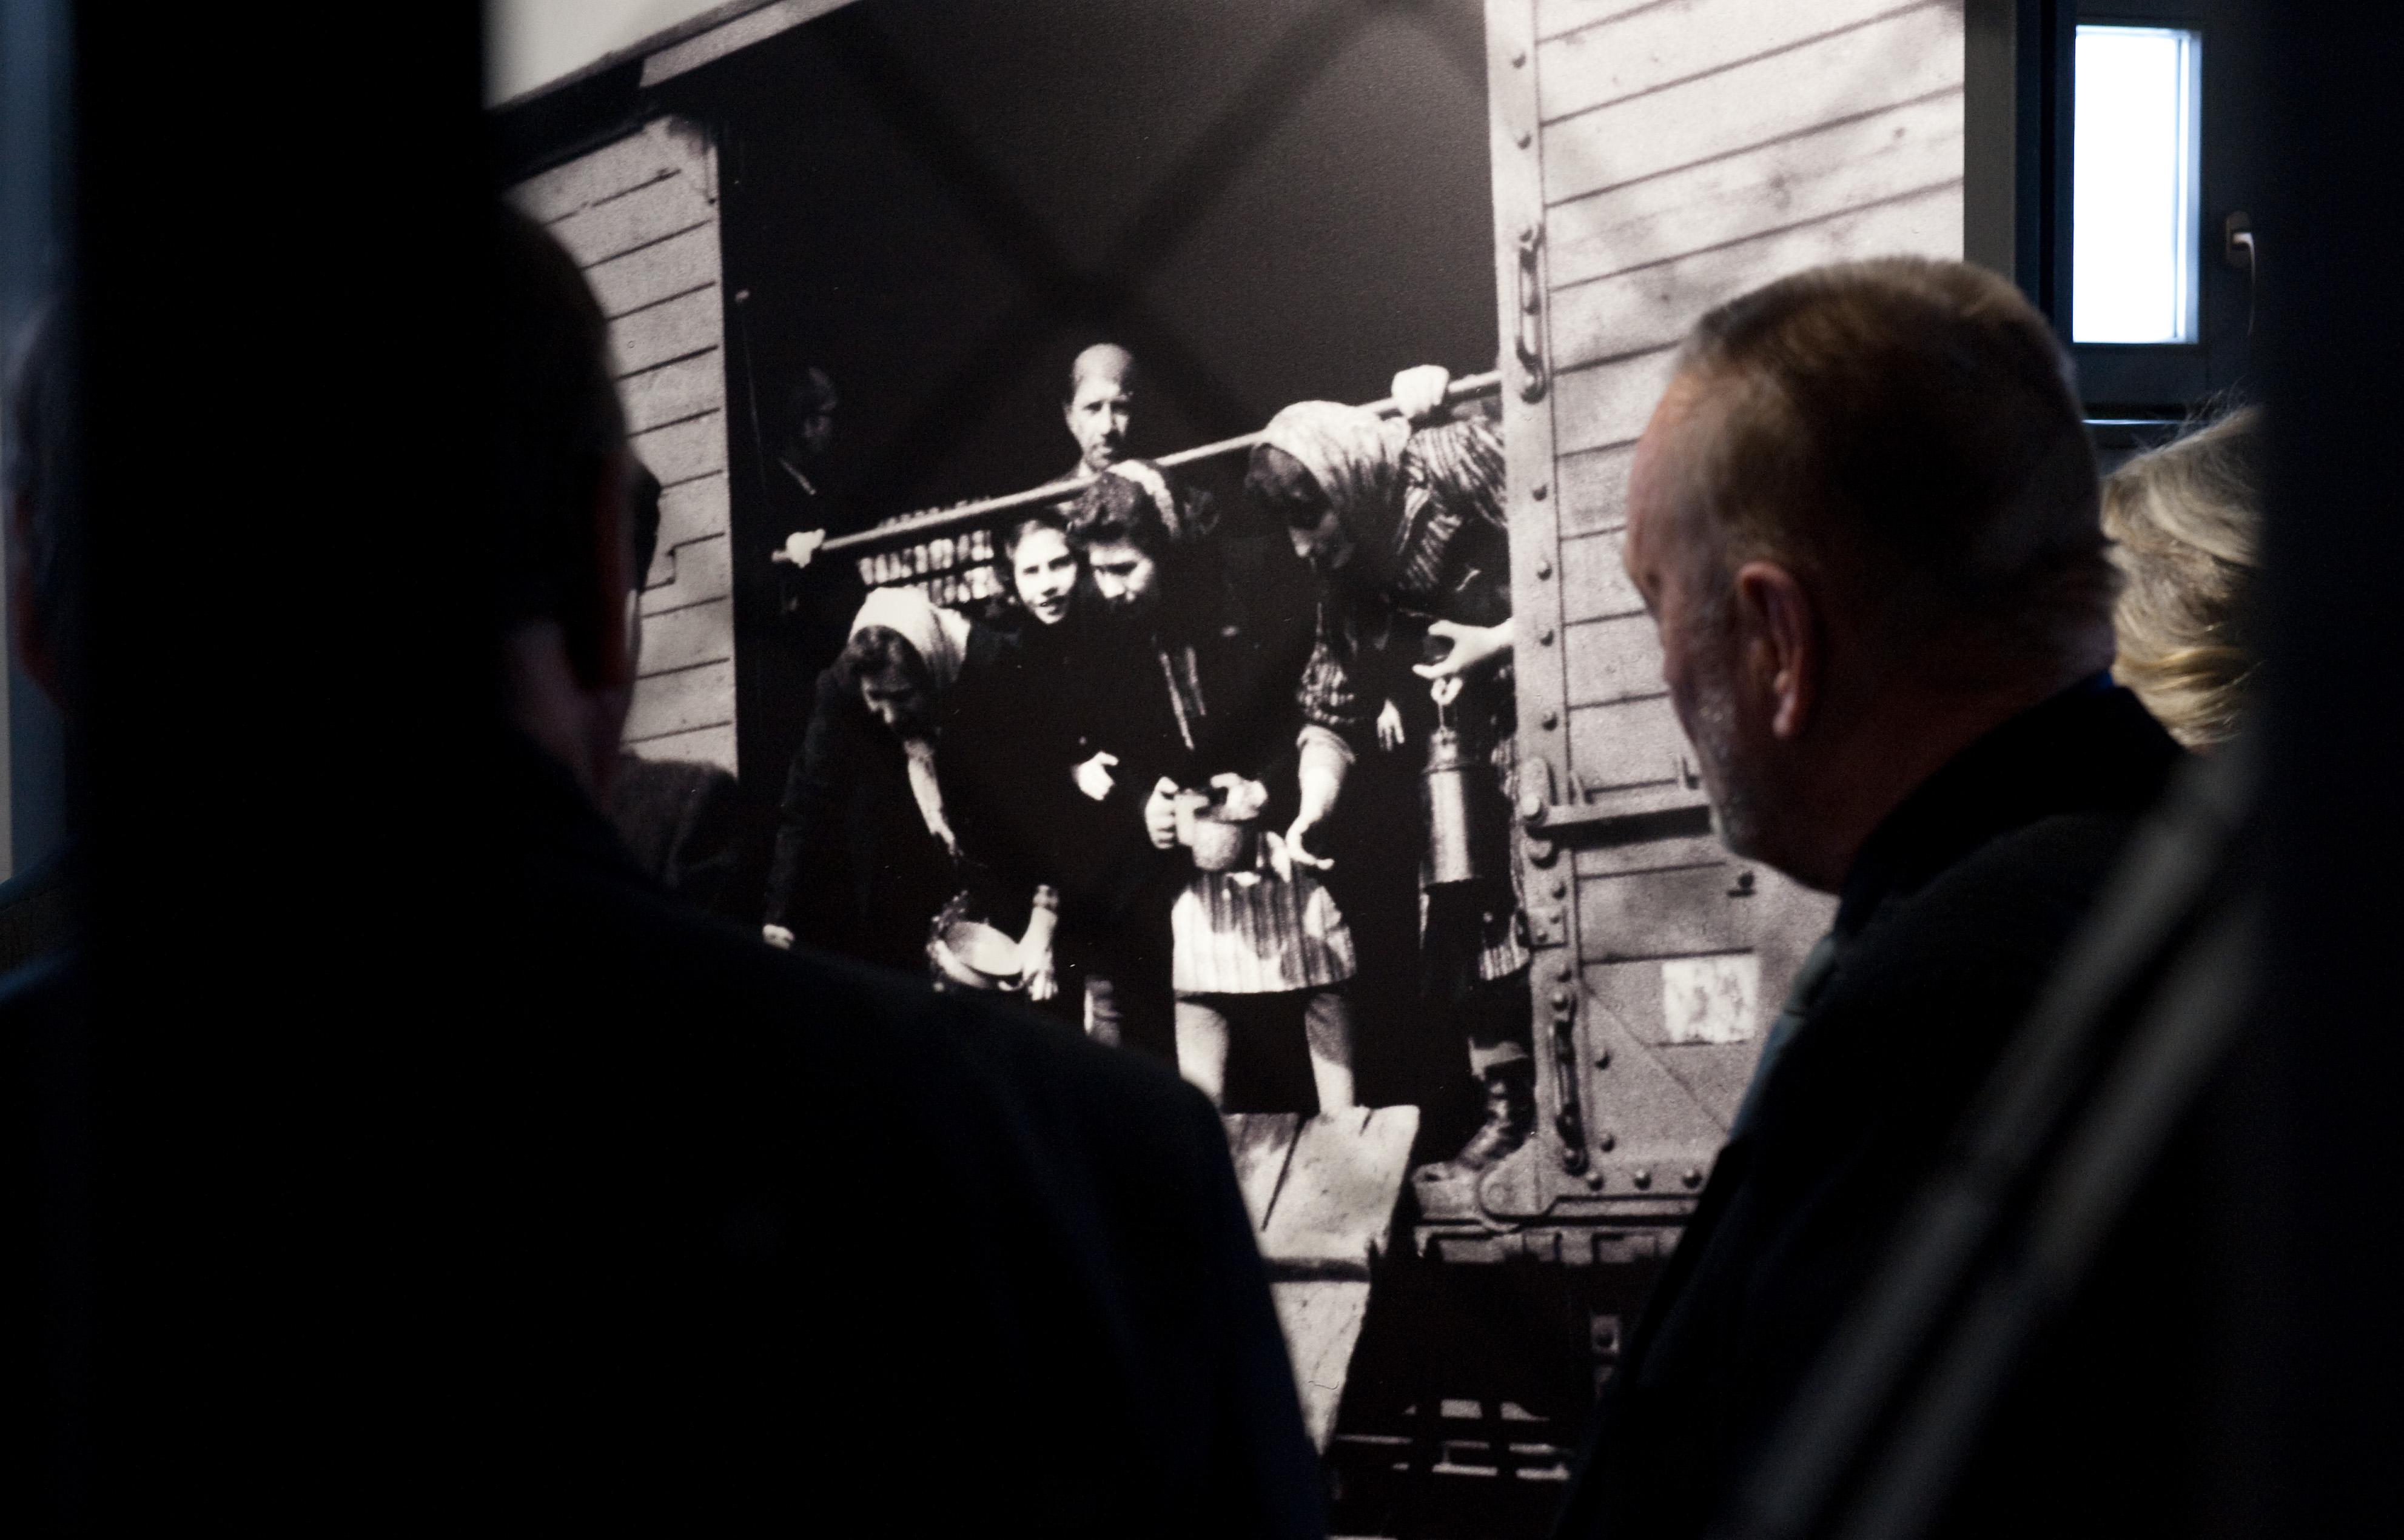 Bocsánatot kért a szlovák kormány a zsidó származású állampolgárai ellen elkövetett bűncselekményekért